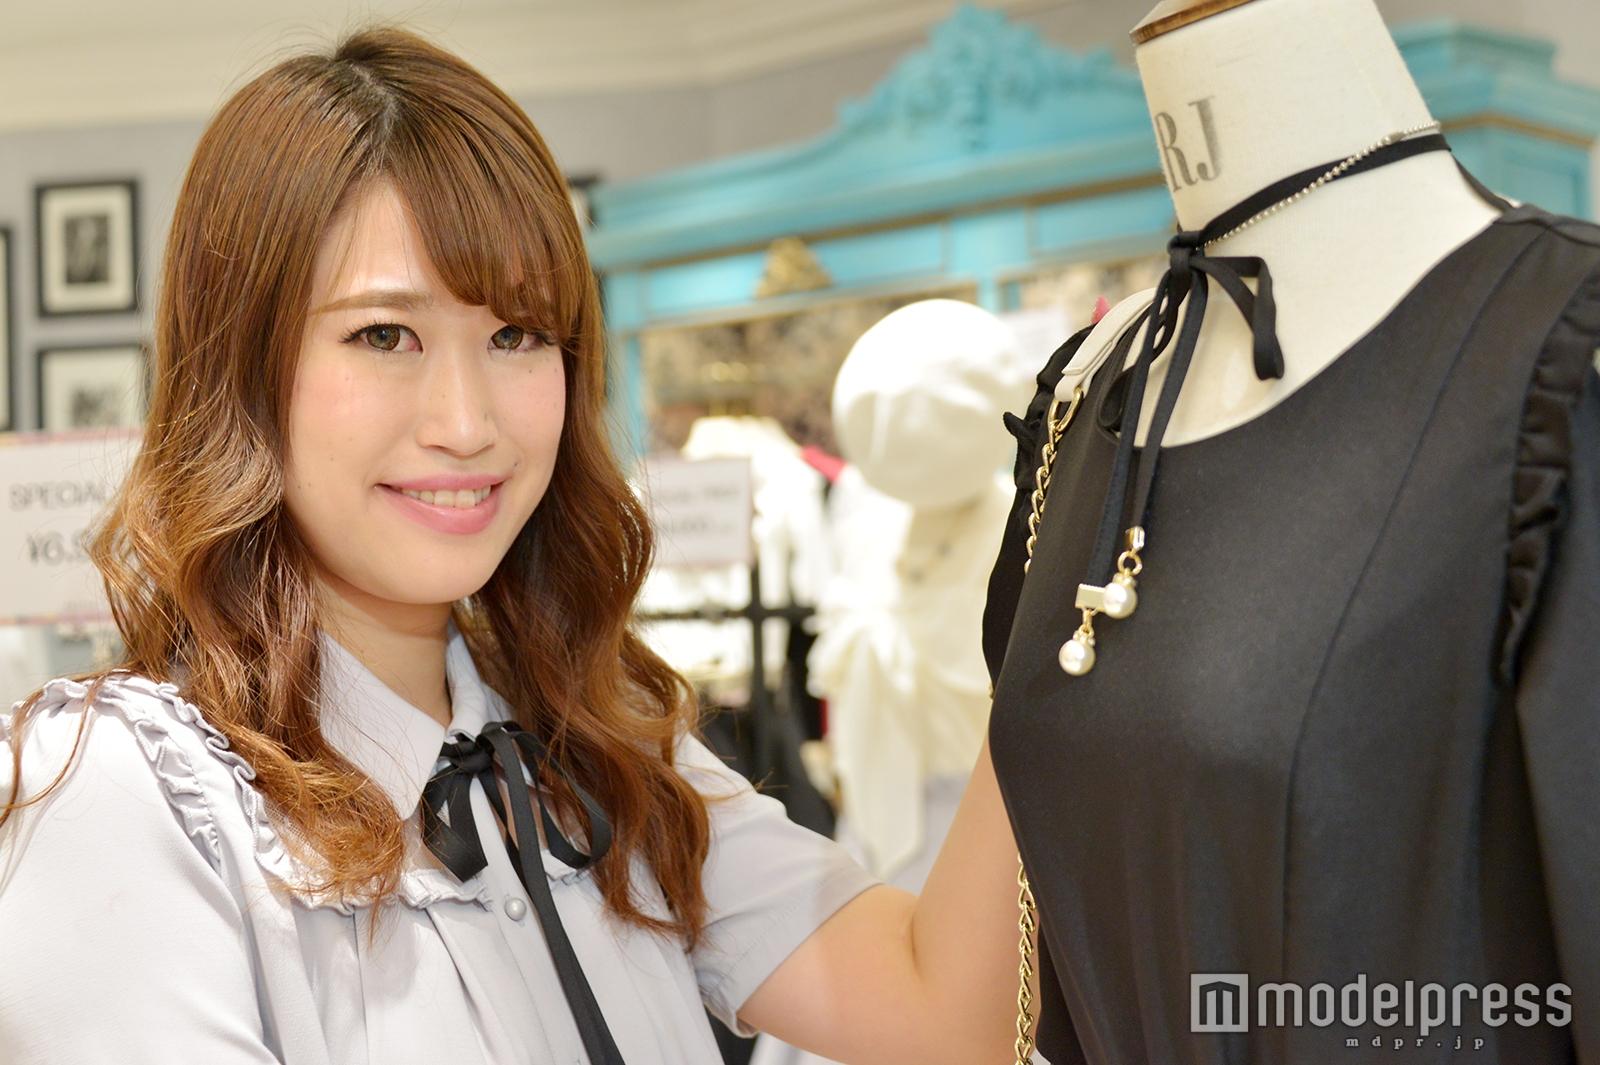 モデルプレスのインタビューに応じた宮島愛美さん(C)モデルプレス